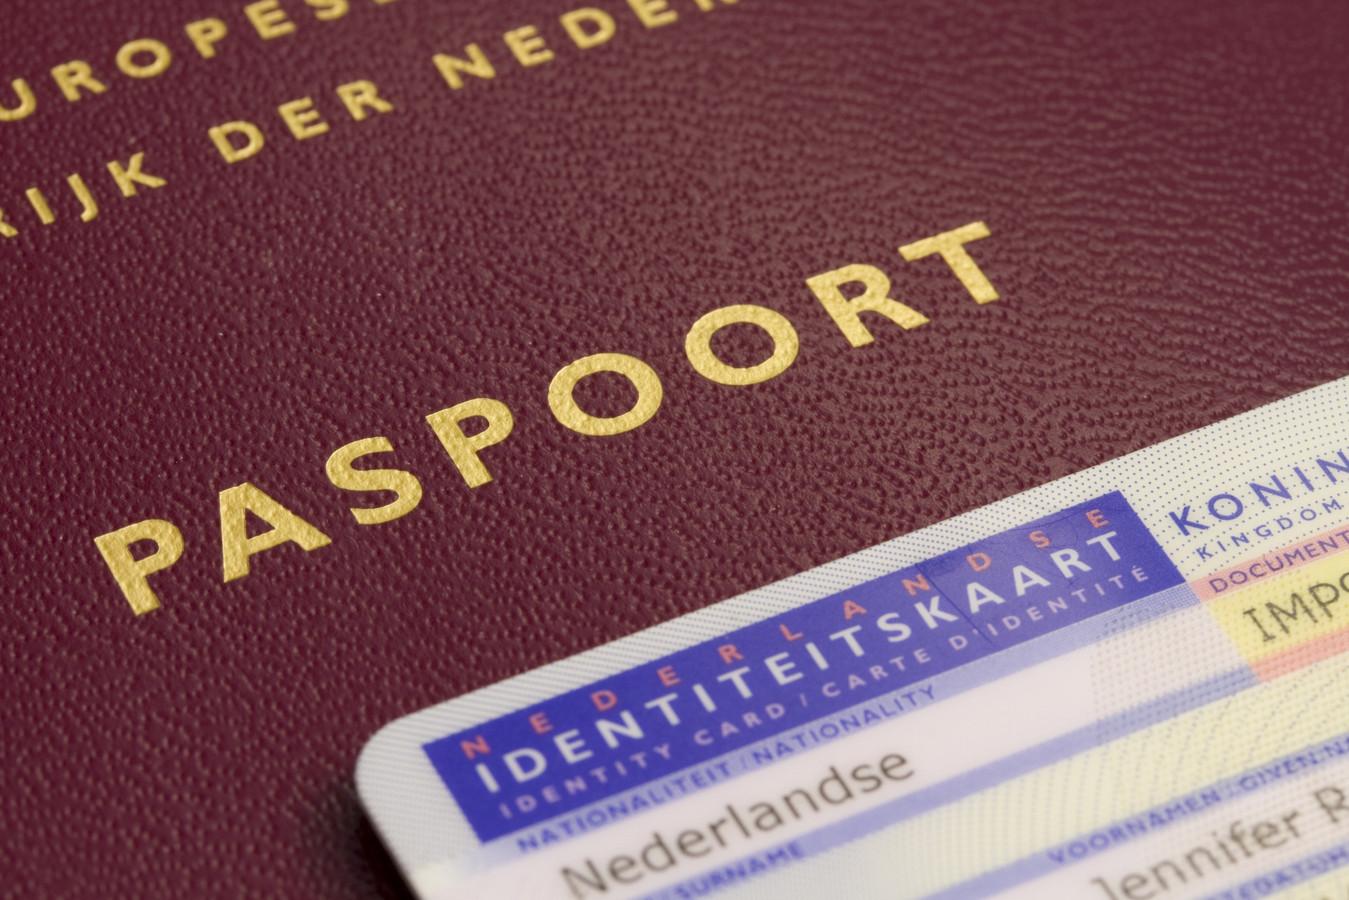 Nederlandse identiteitsbewijzen.